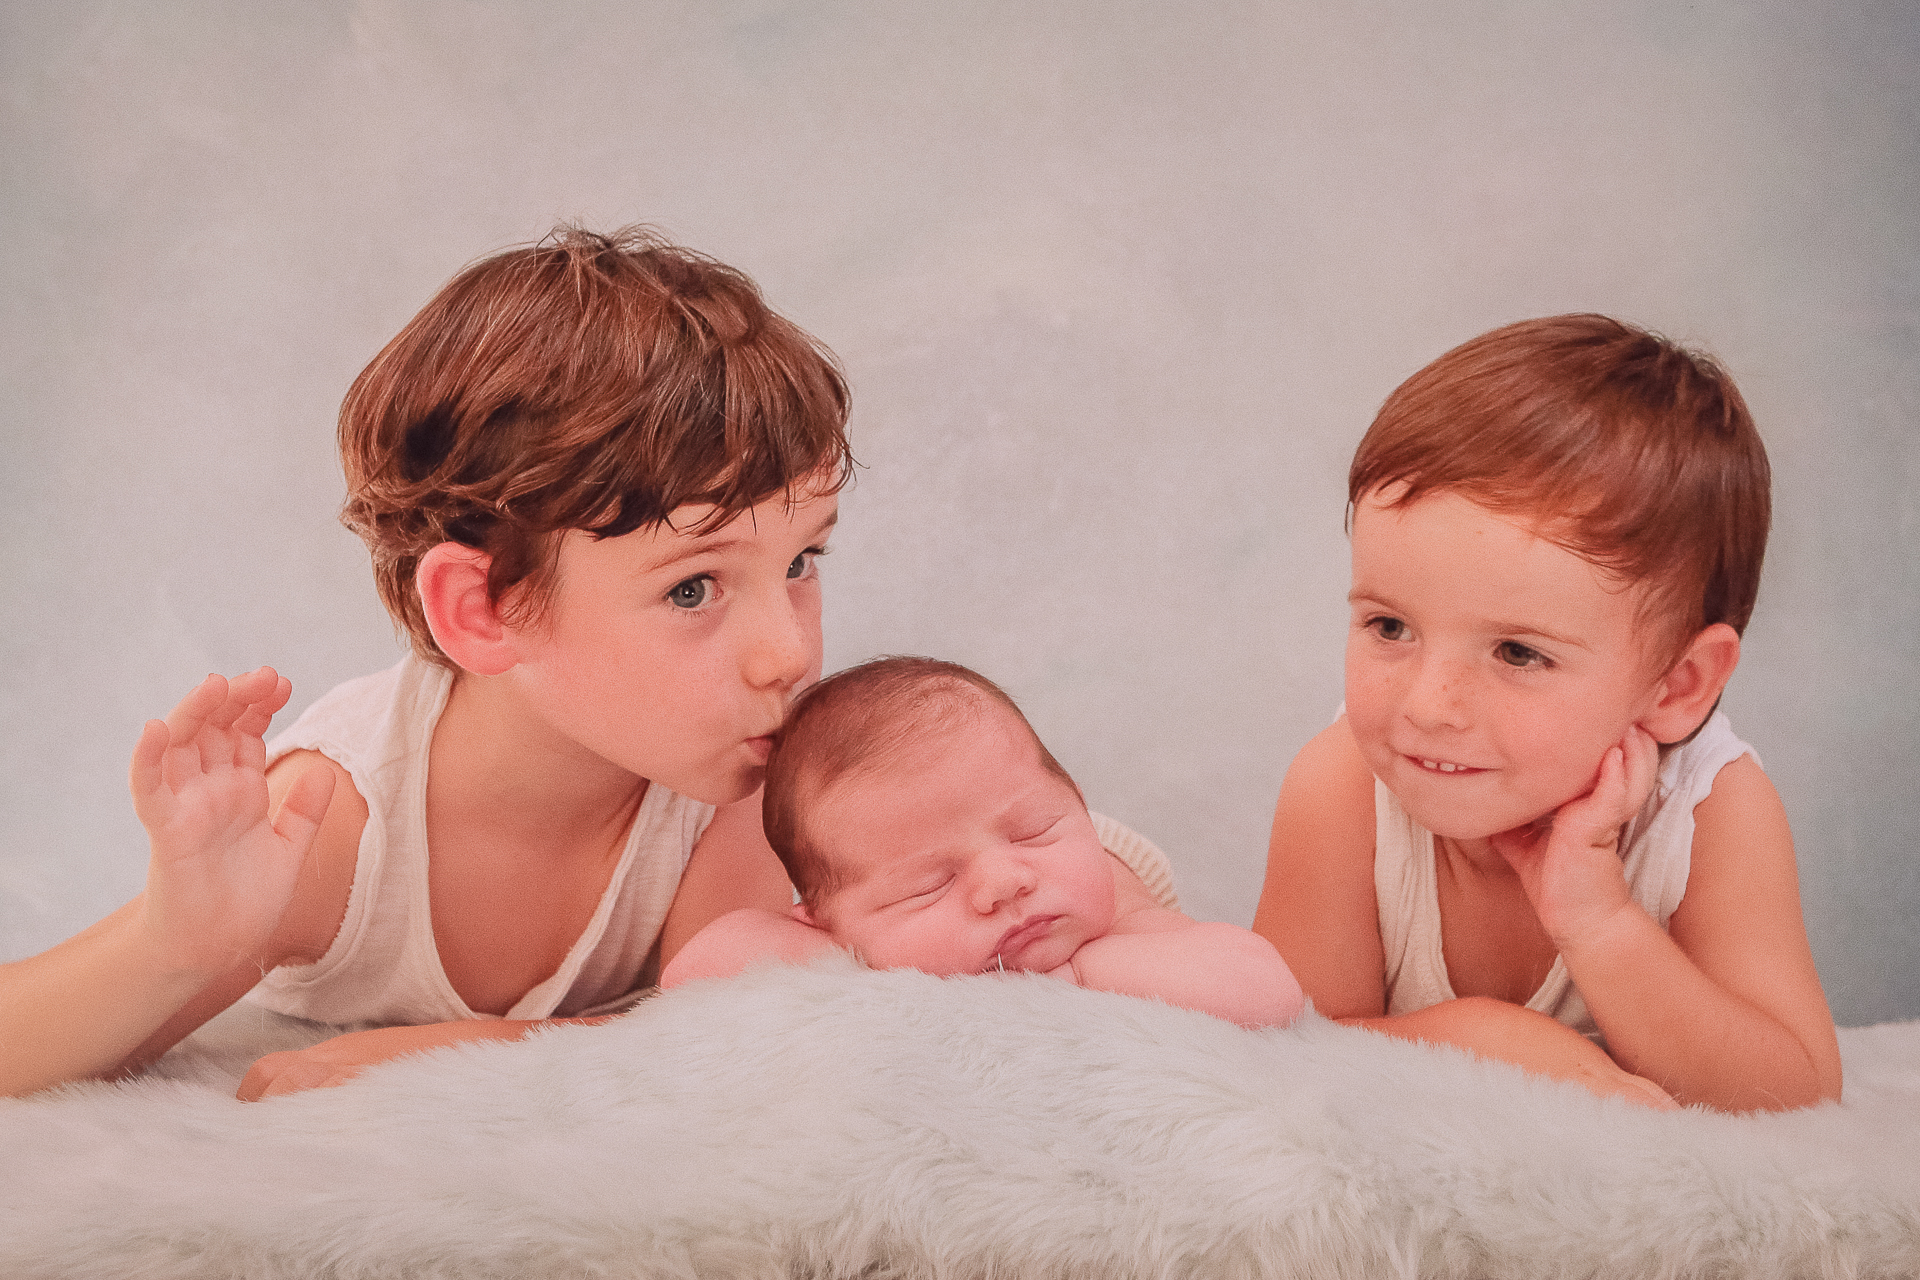 fotografo de recién nacidos donostia